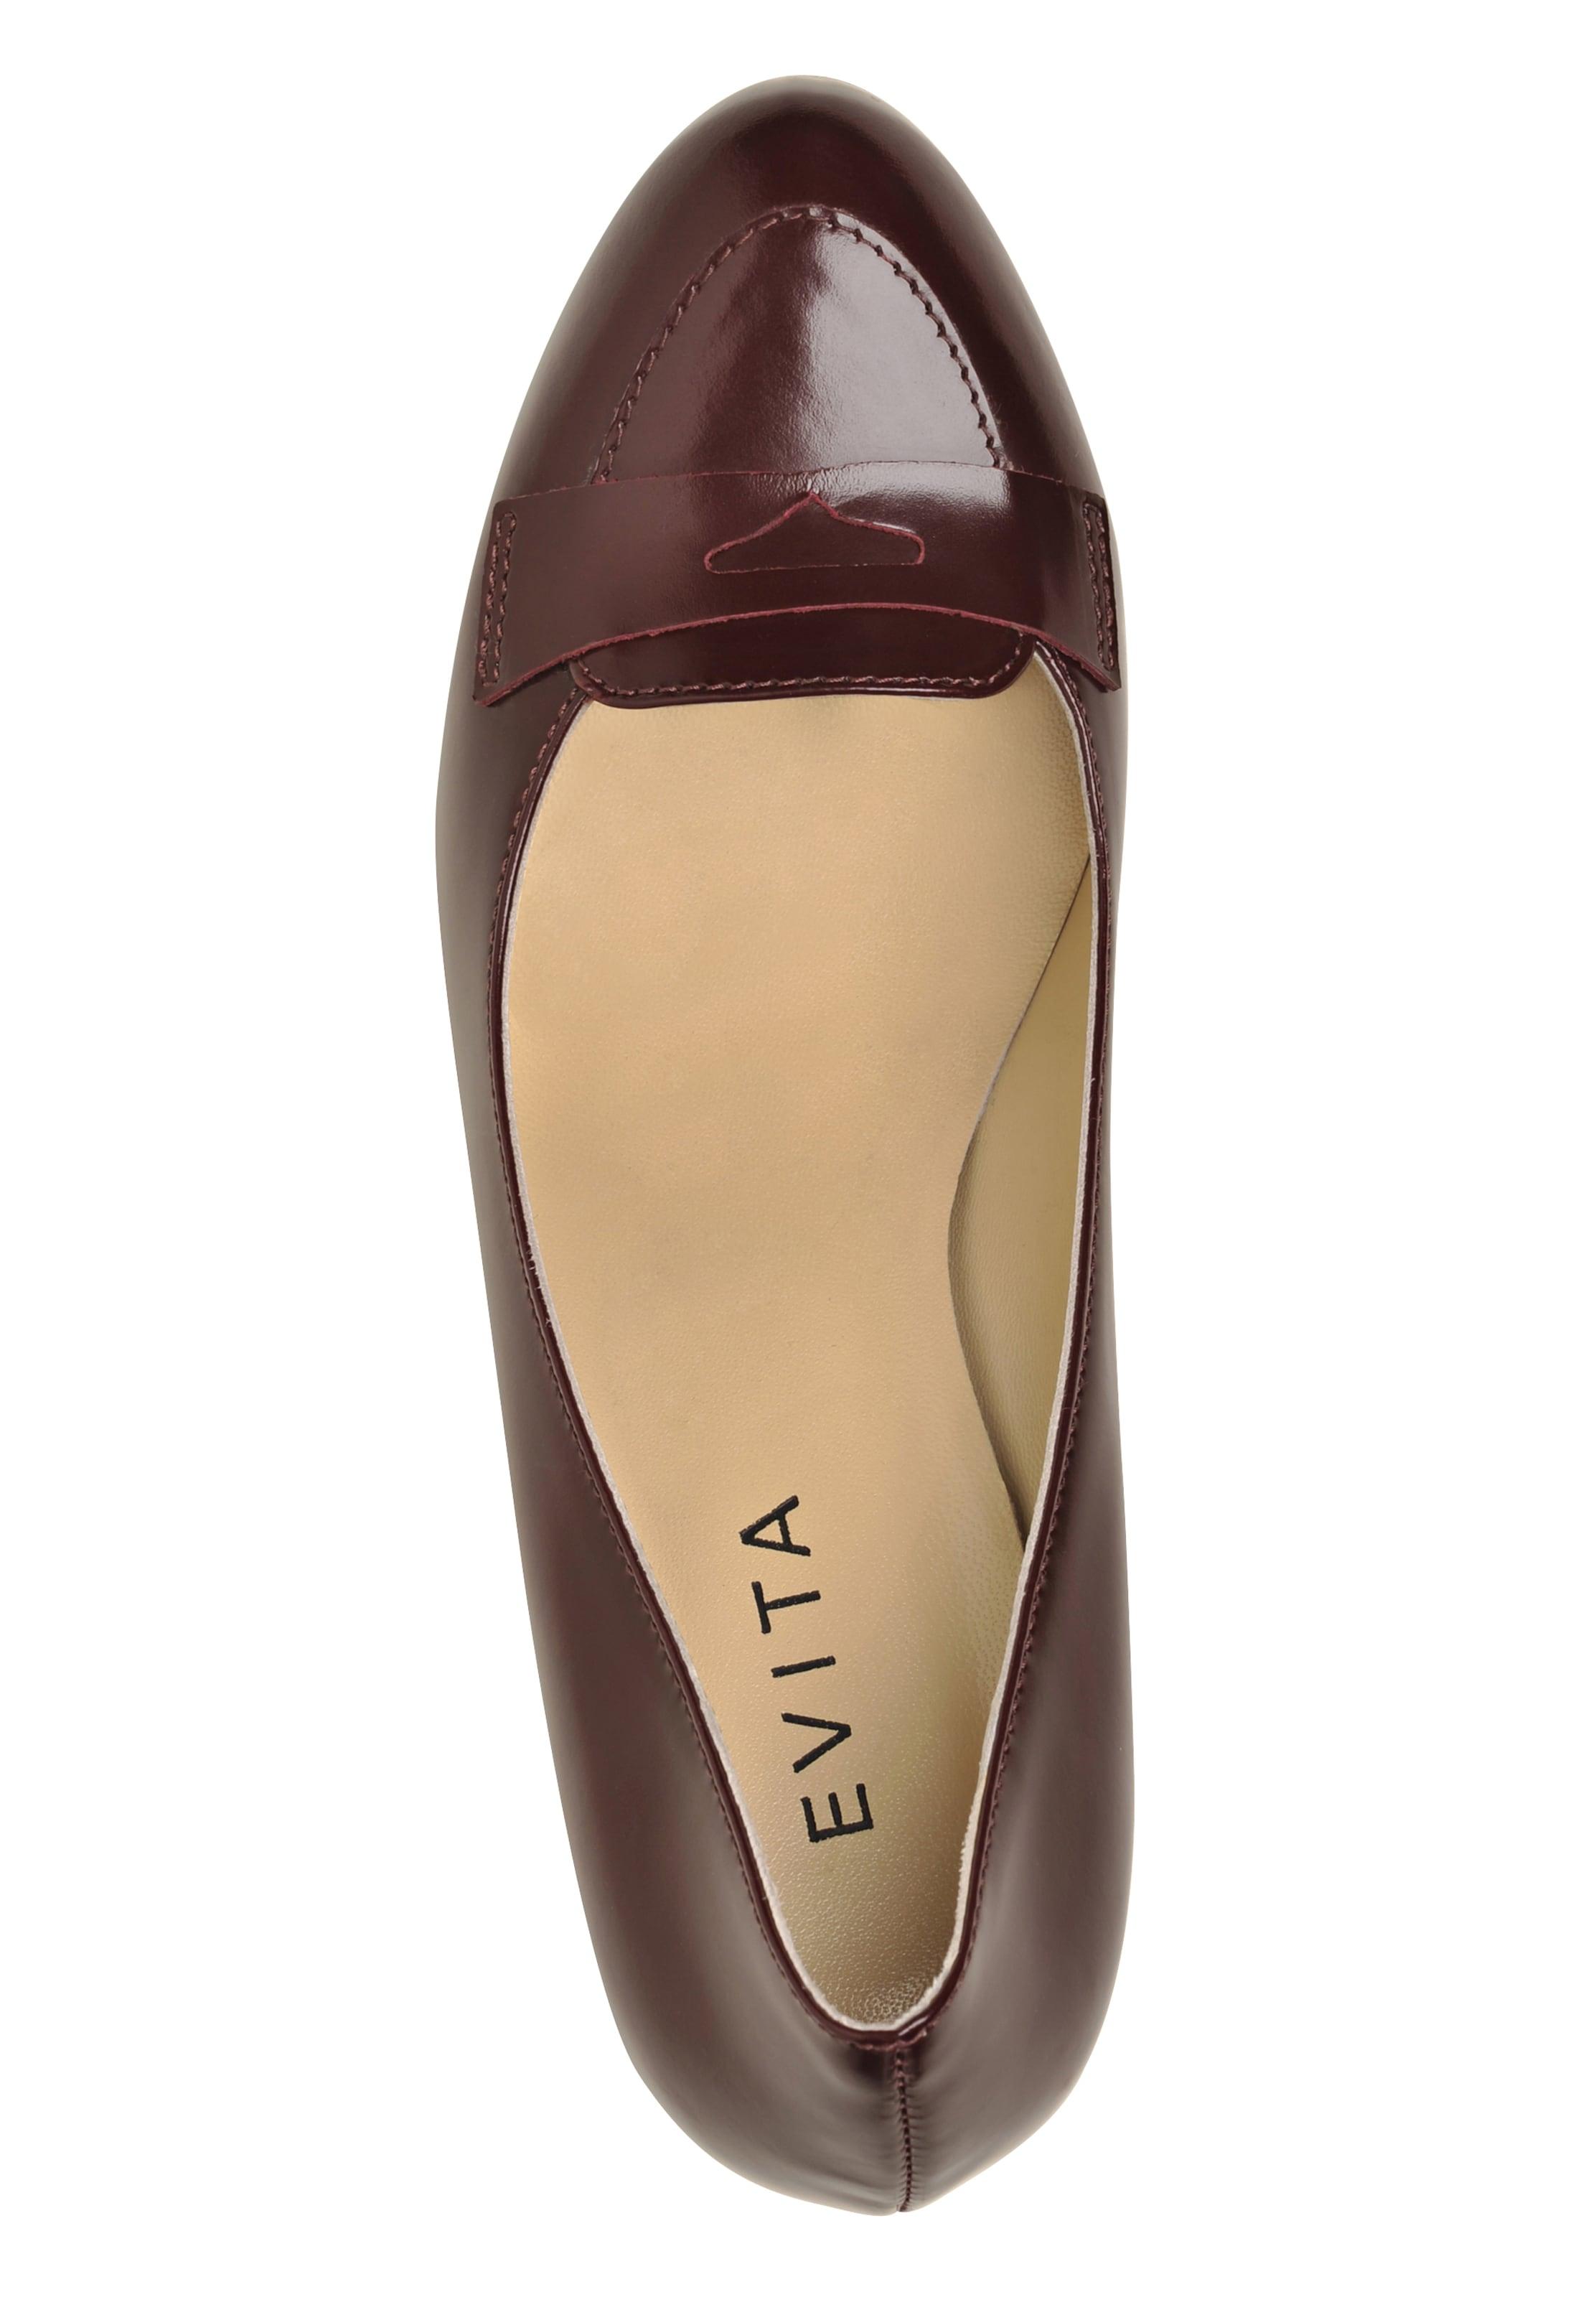 Pumps Damen Evita Damen Pumps In Damen In Evita Bordeaux Evita Bordeaux DWI9HE2